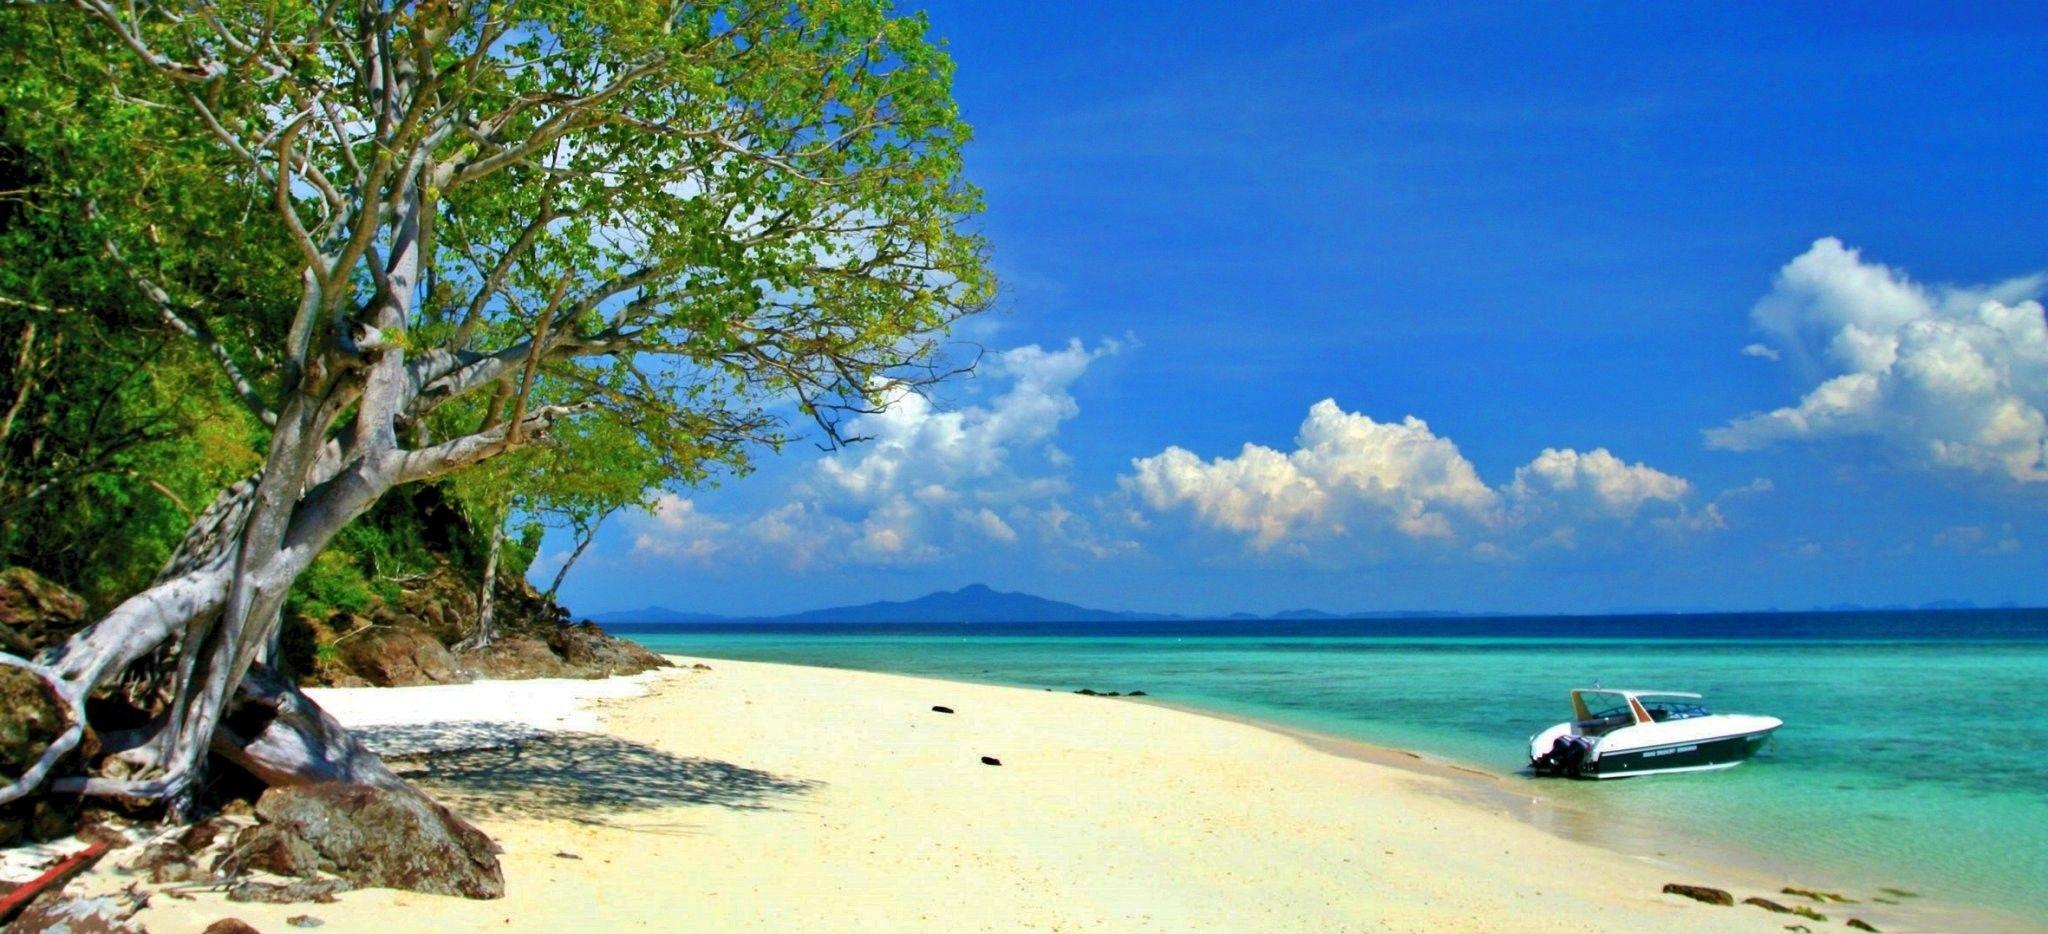 Ein verlassener Strand direkt zwischen Dschungel und Meer. Im Wasser liegt ein Schnellboot.